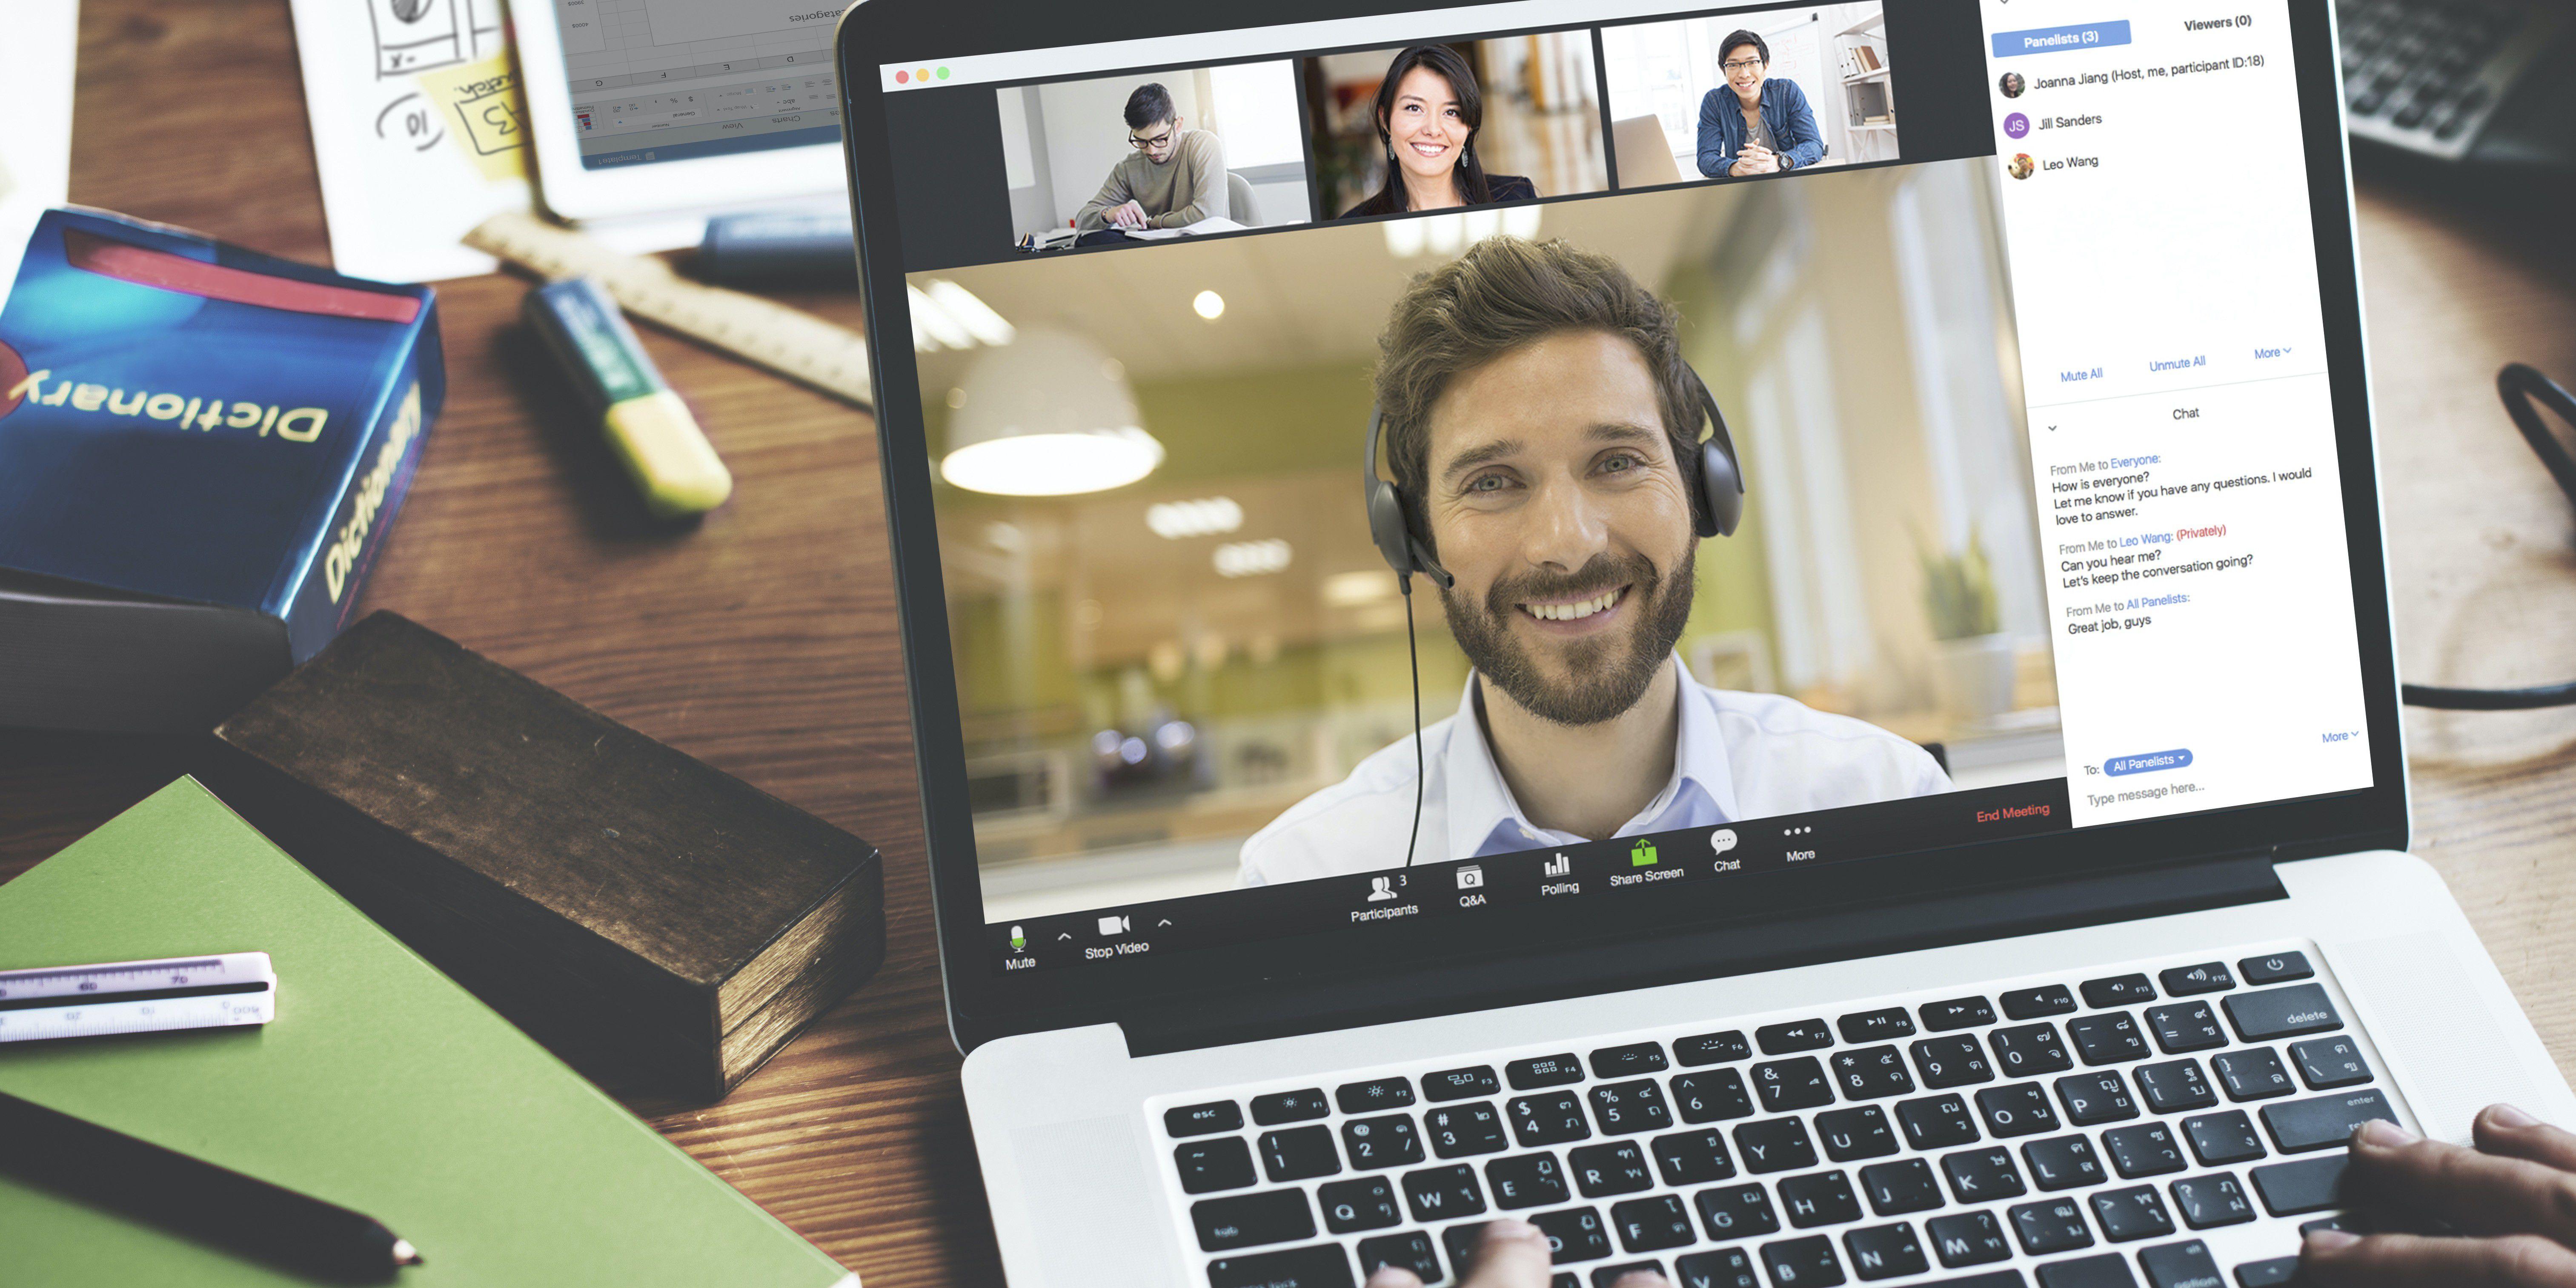 Zoom: Mehrere private Video-Anrufe im Netz frei verfügbar - Macwelt